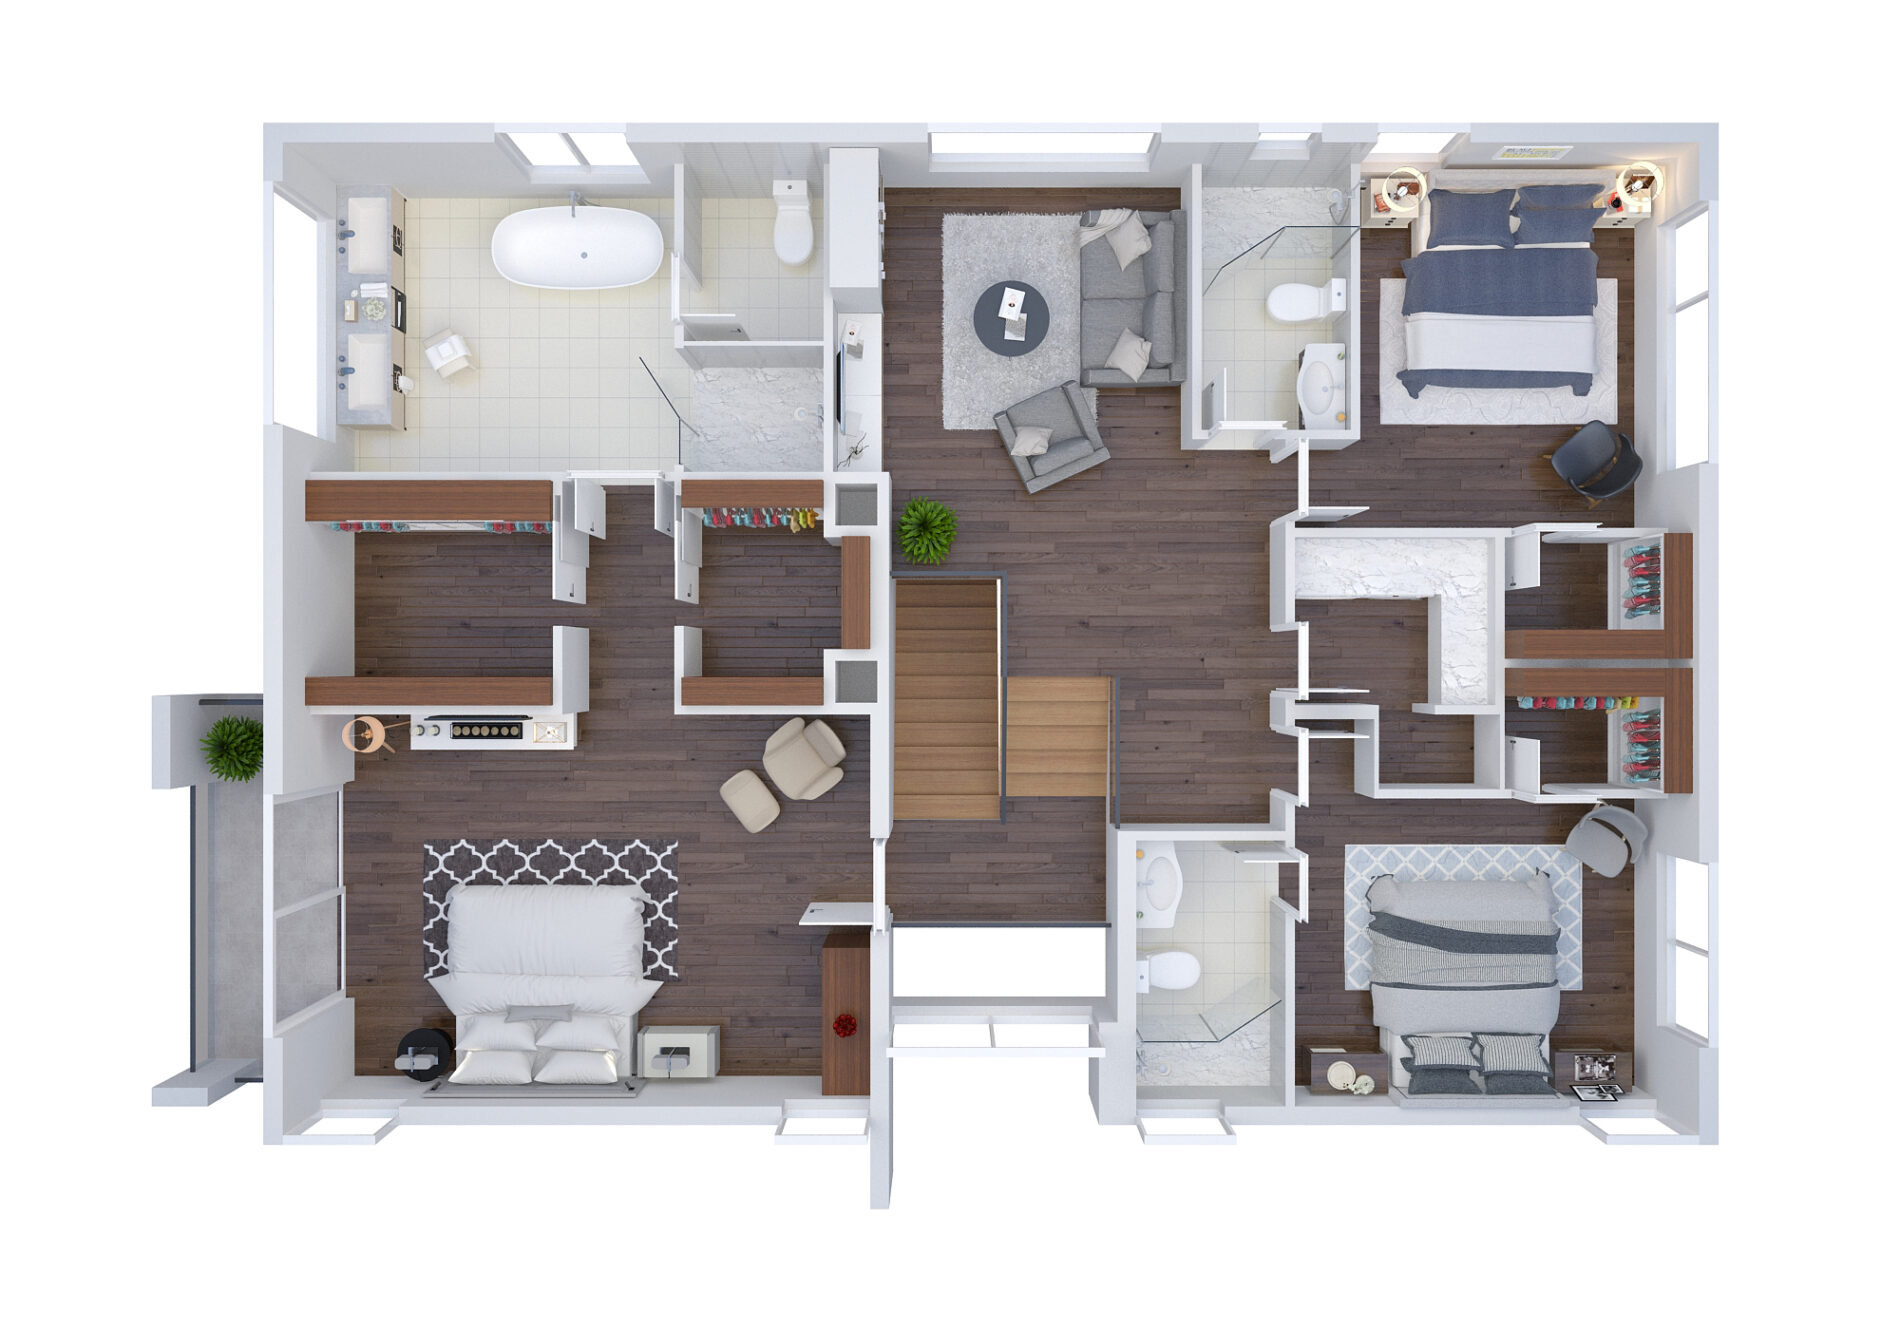 544 N Victoria Park Road, Rendering 3, Second Floor Plan, July 9, 2018